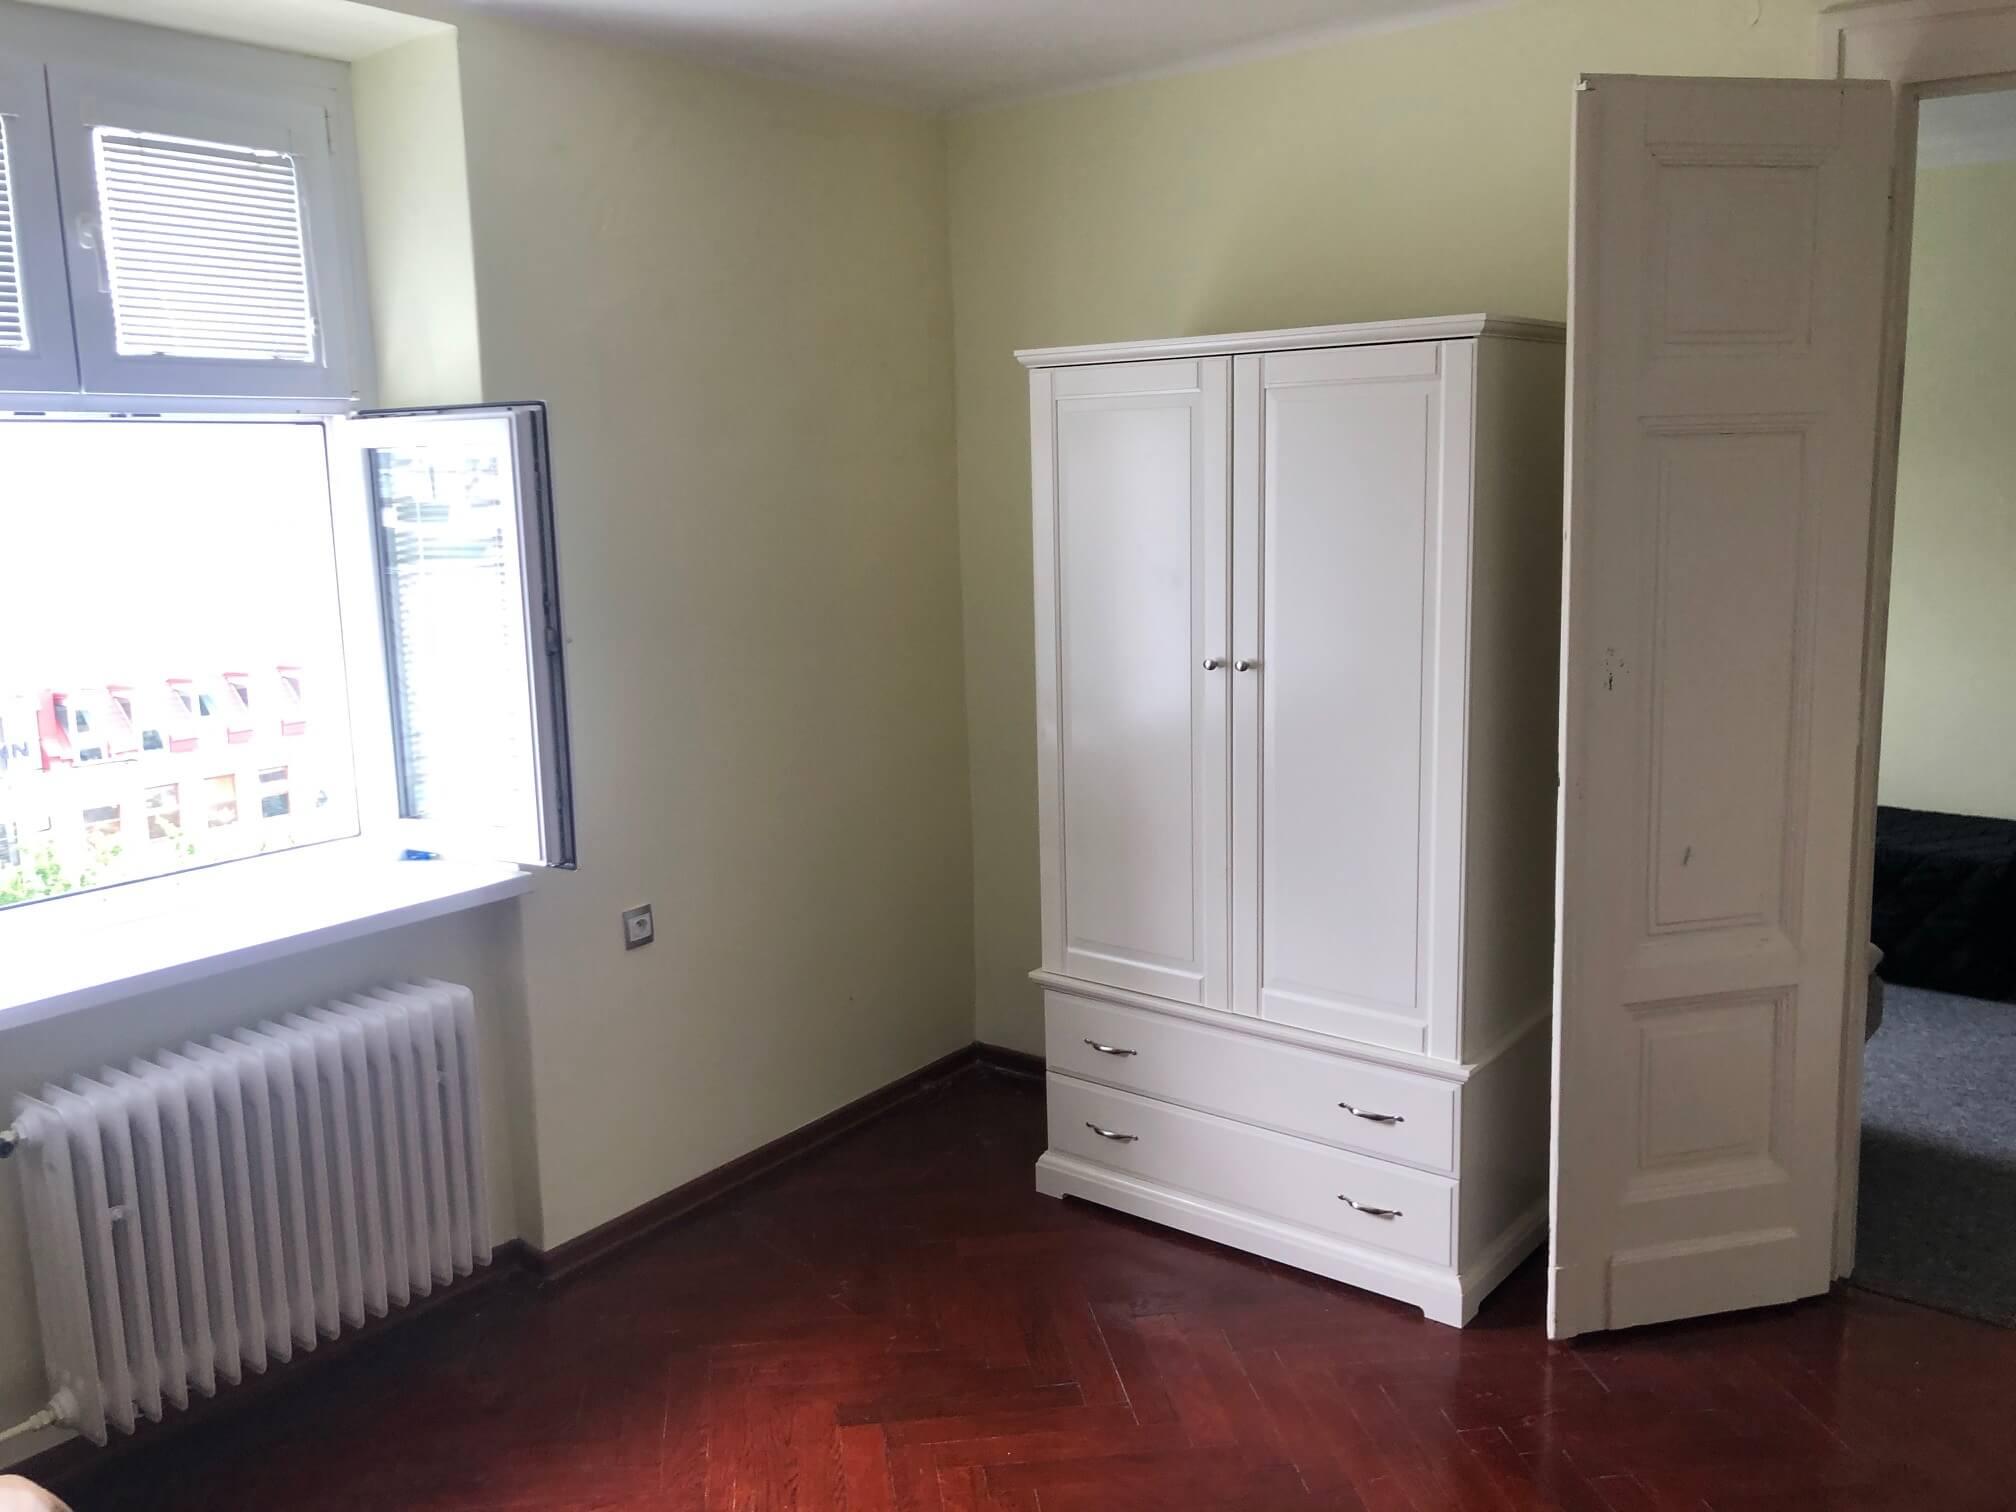 Prenajaté: Na prenájom exkluzívne 2 izbový byt, 73,34m2, v Centre BA, Gorkeho 7, 7 poschodie-17